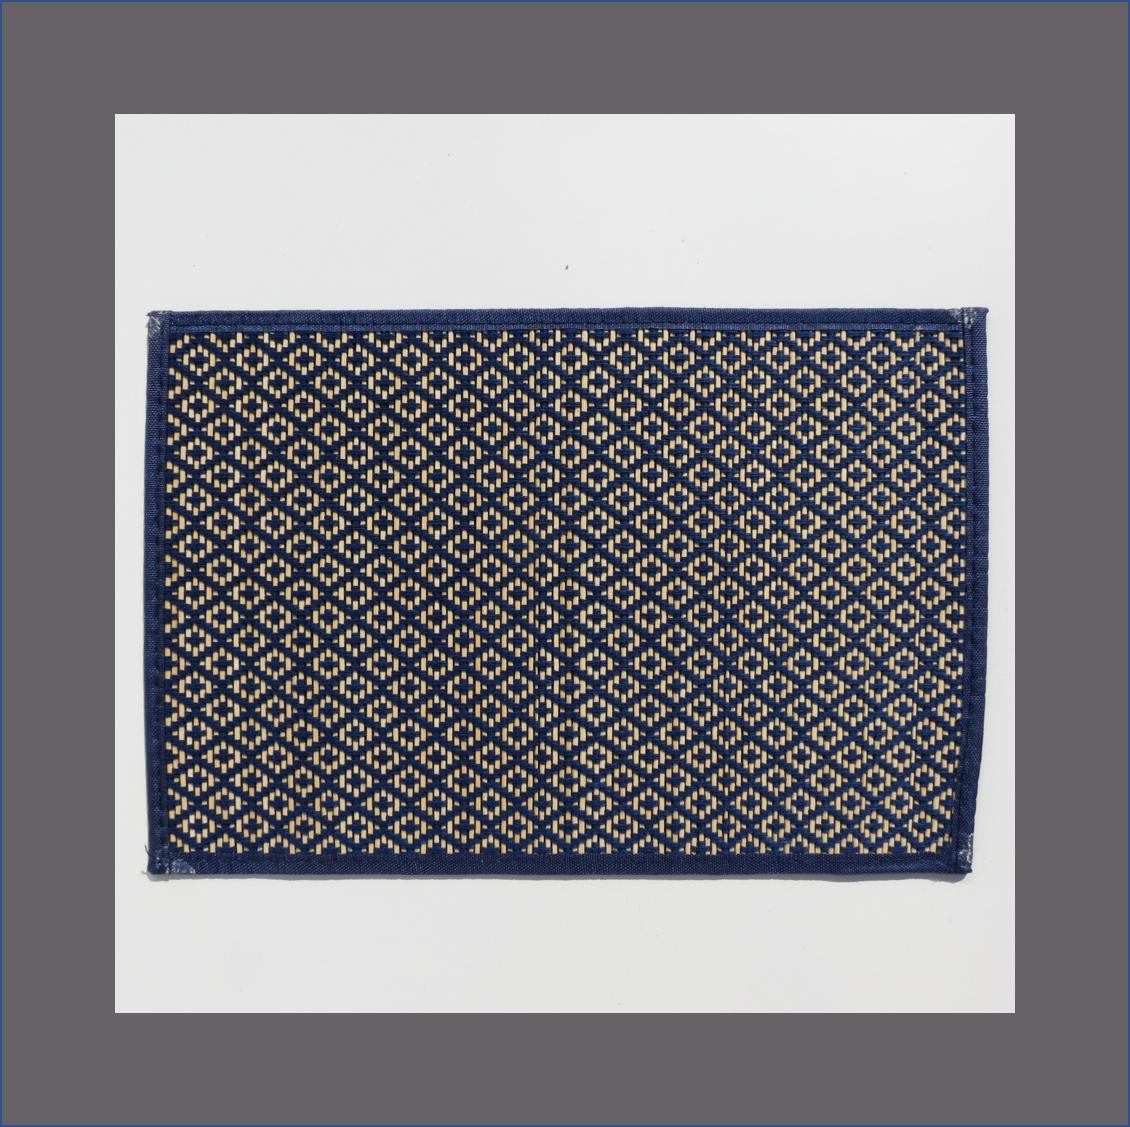 blue-rectangular-placemat-bamboo